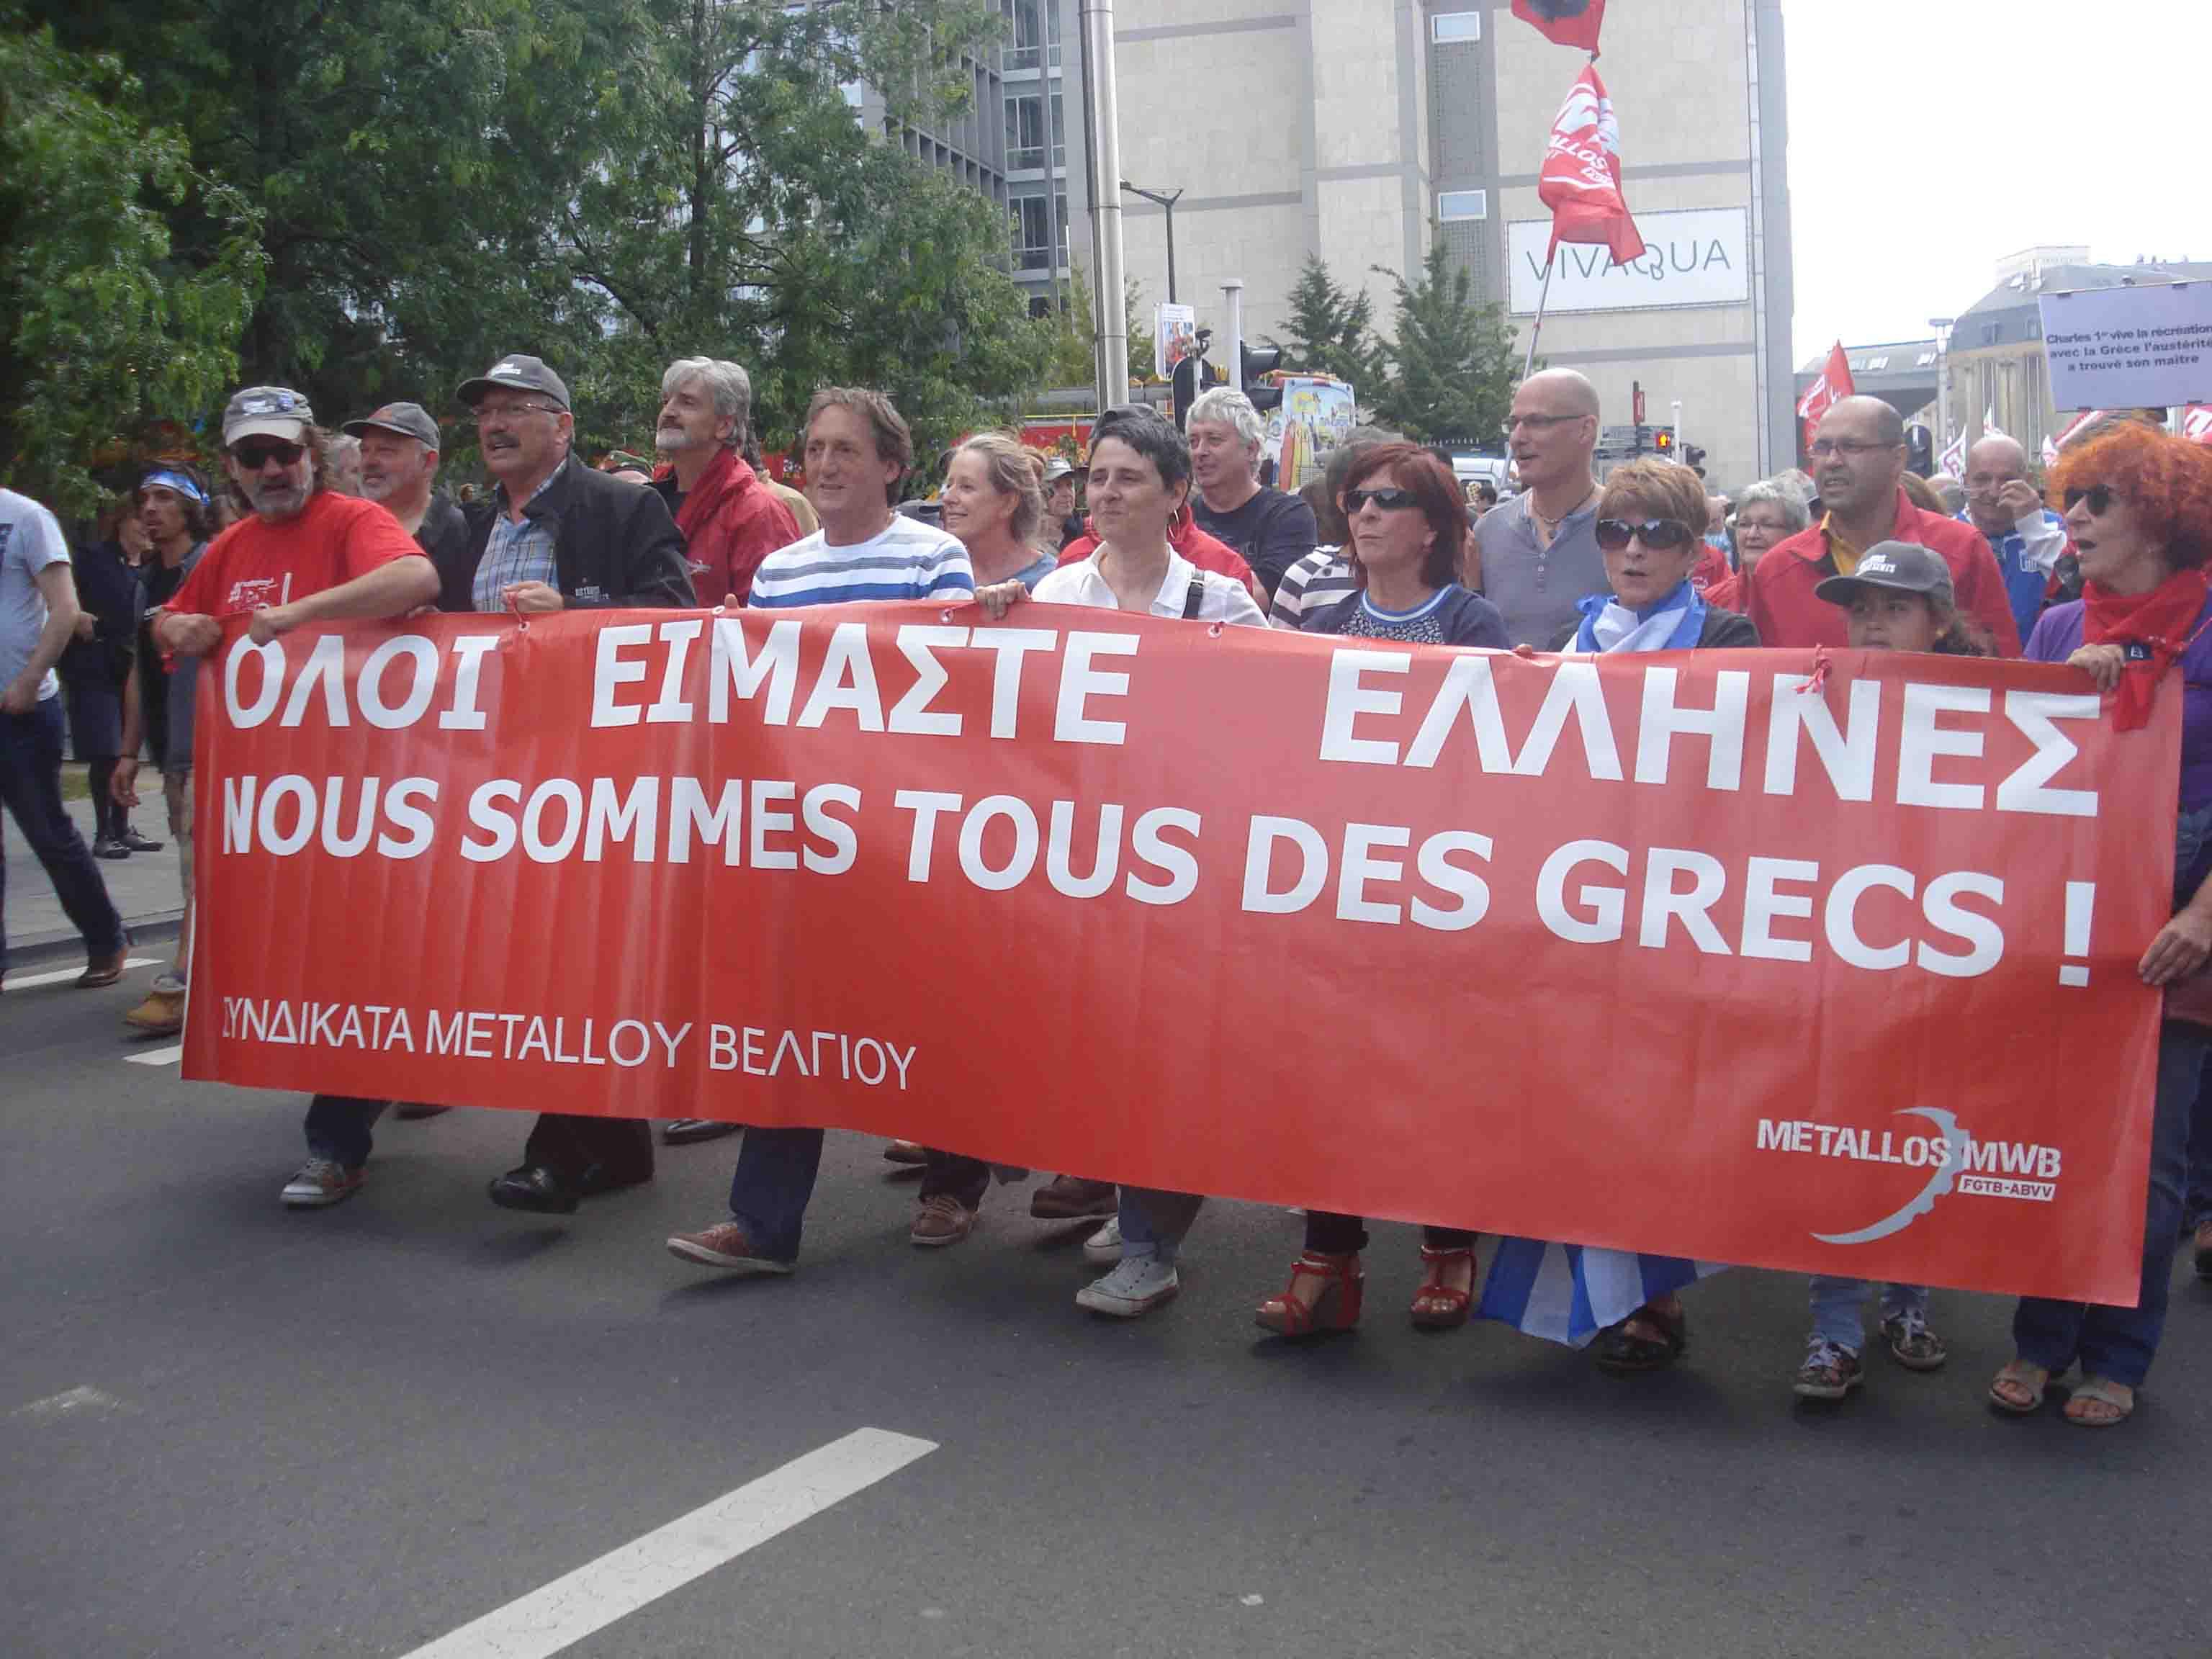 Avec les Grecs